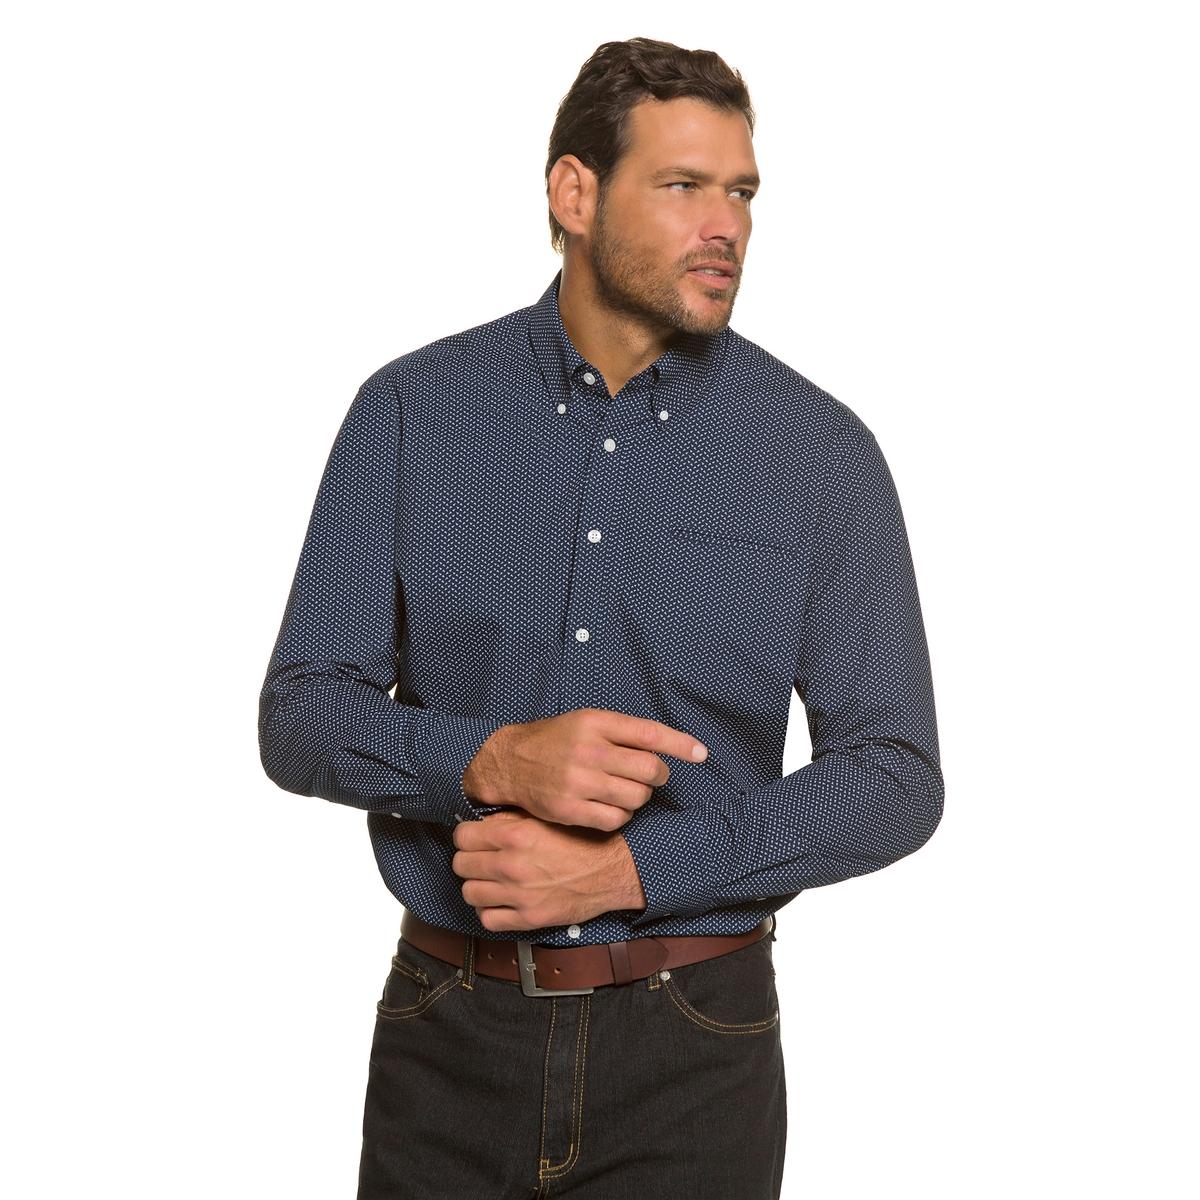 РубашкаРубашка с модным микро принтом и воротником с кончиками на пуговицах . Облегающий покрой позволяет носить рубашку в свободном стиле поверх брюк . Длина в зависимости от размера ок. 78-94 см.<br><br>Цвет: наб. рисунок